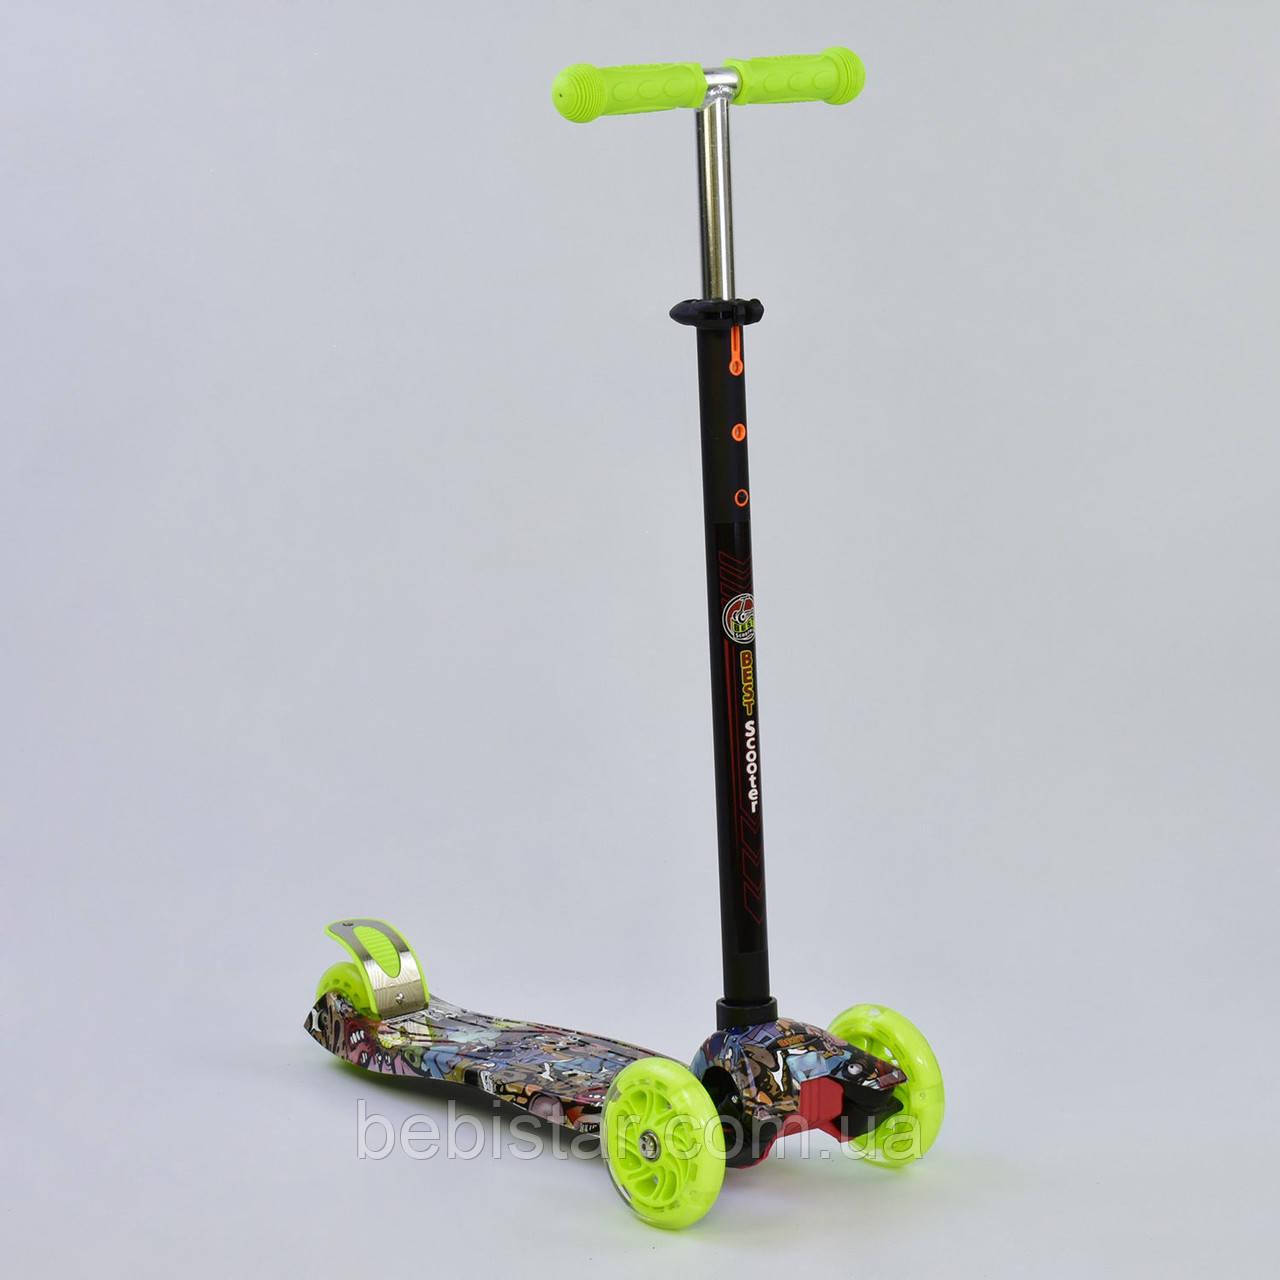 Самокат детский граффити MAXI Best Scoote со светящимися салатовыми колесами от 3 лет